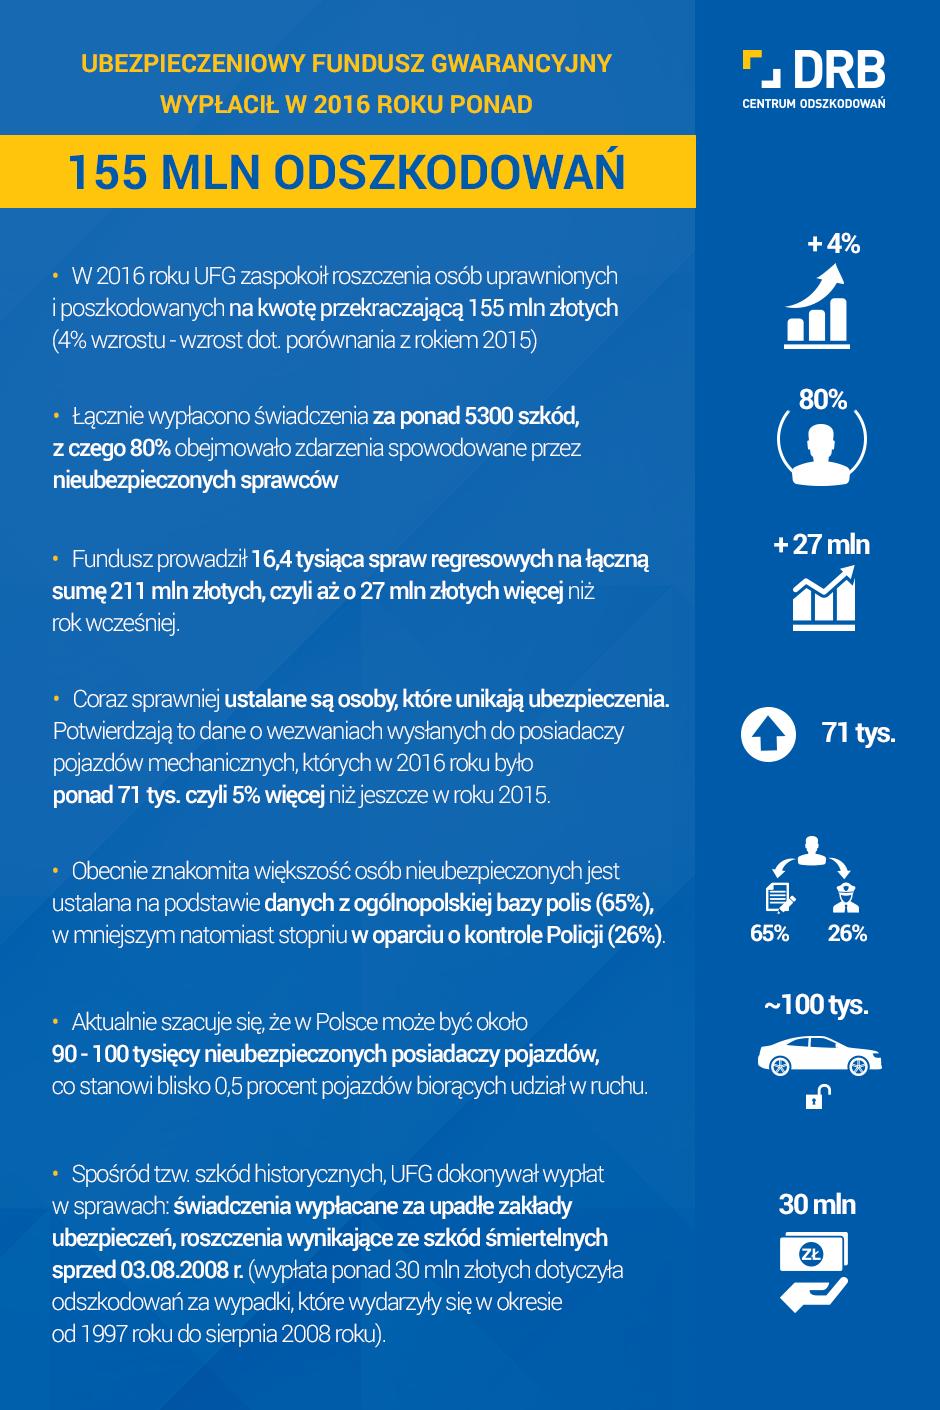 Infografika_Sprawca wypadku nie ma OC_Centrum Odszkodowań DRB.png